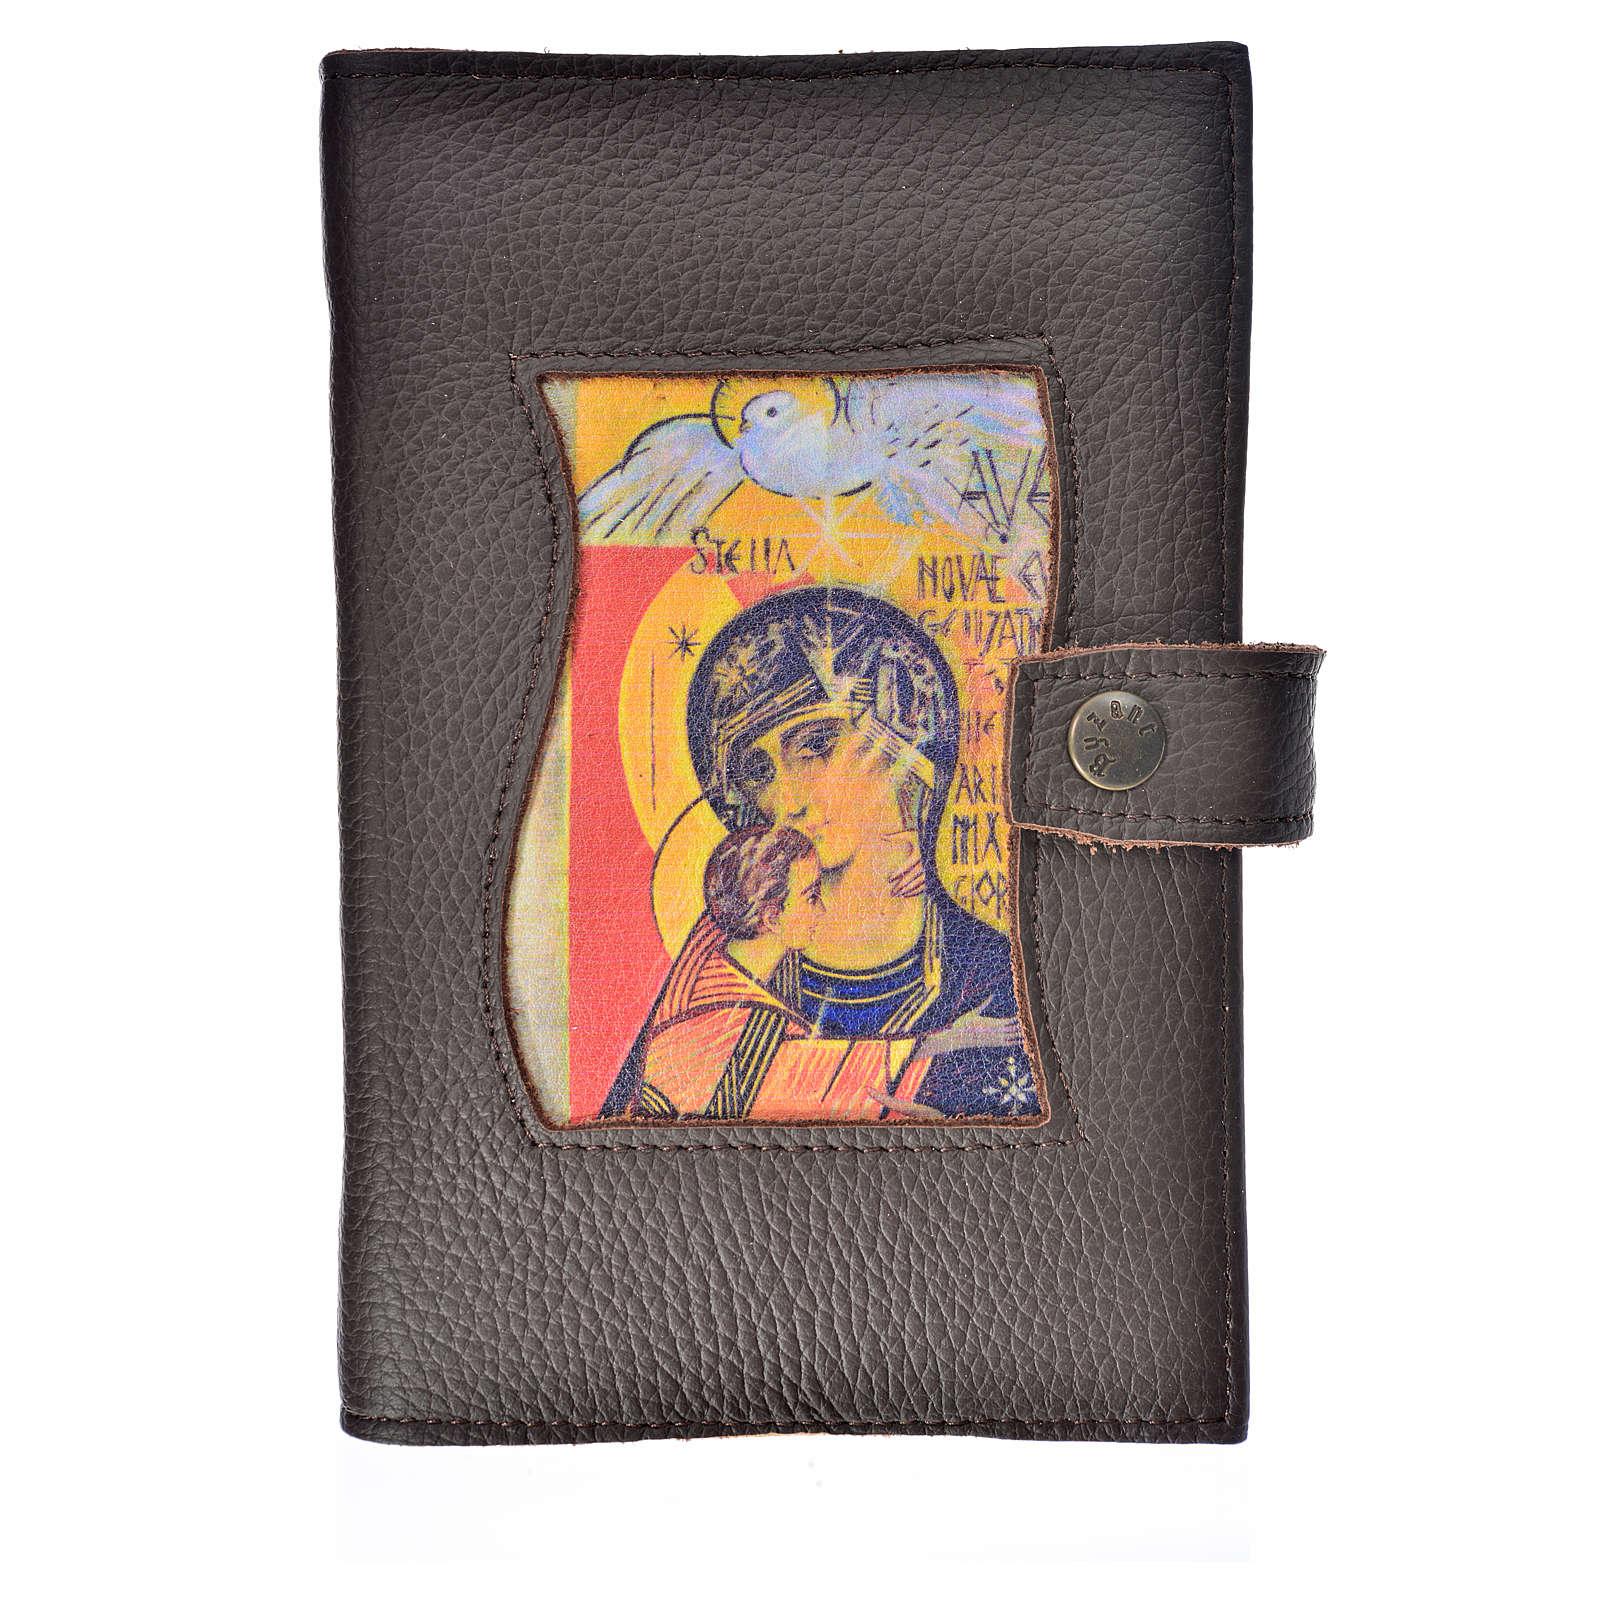 Funda Biblia Jerusalén Nueva Ed. cuero Virgen Milenio 4